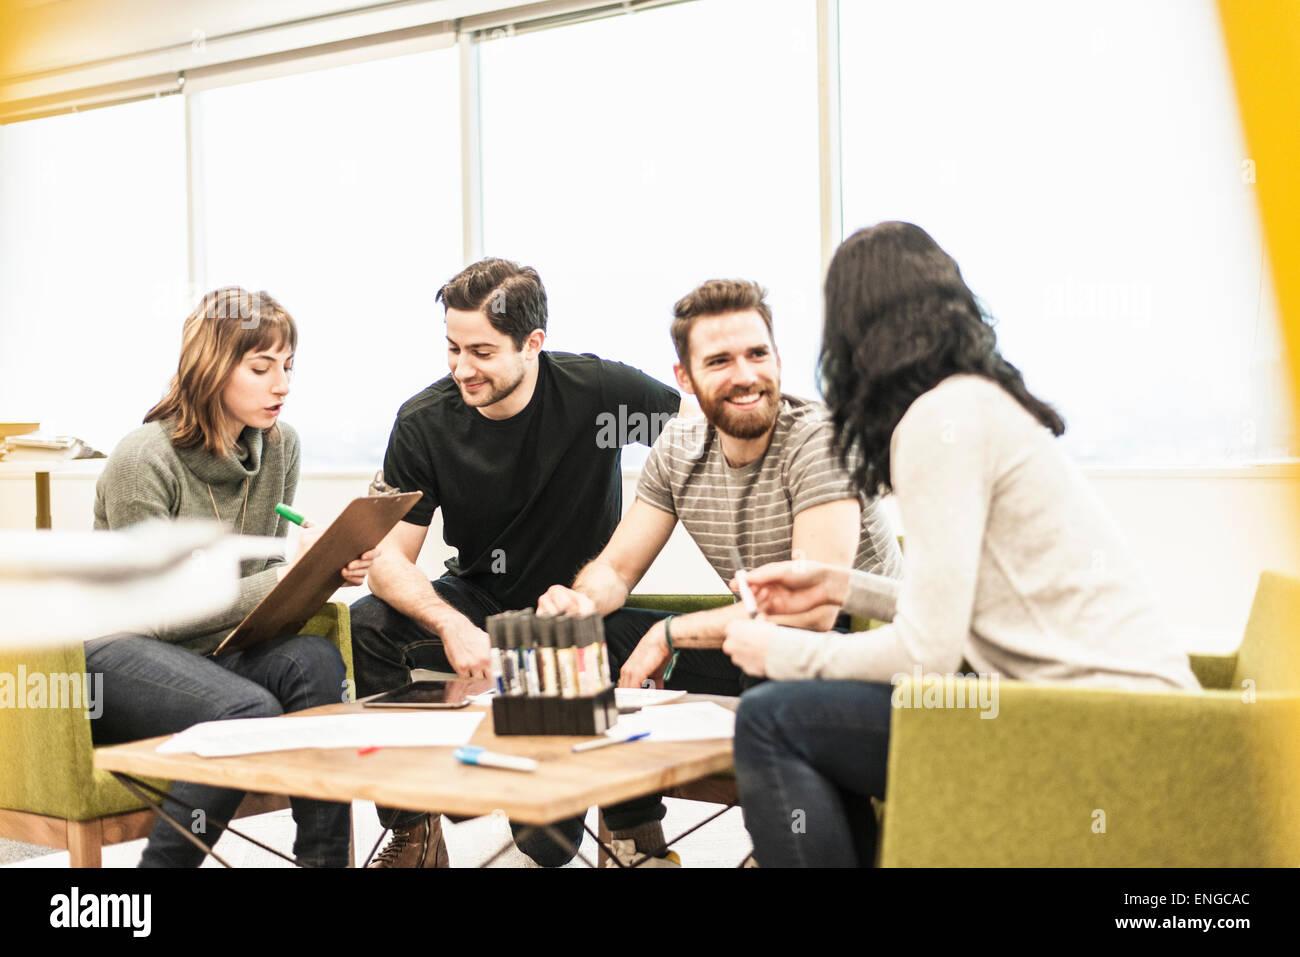 Quatre personnes assises à une table, ses collègues lors d'une séance de planification tenue Photo Stock